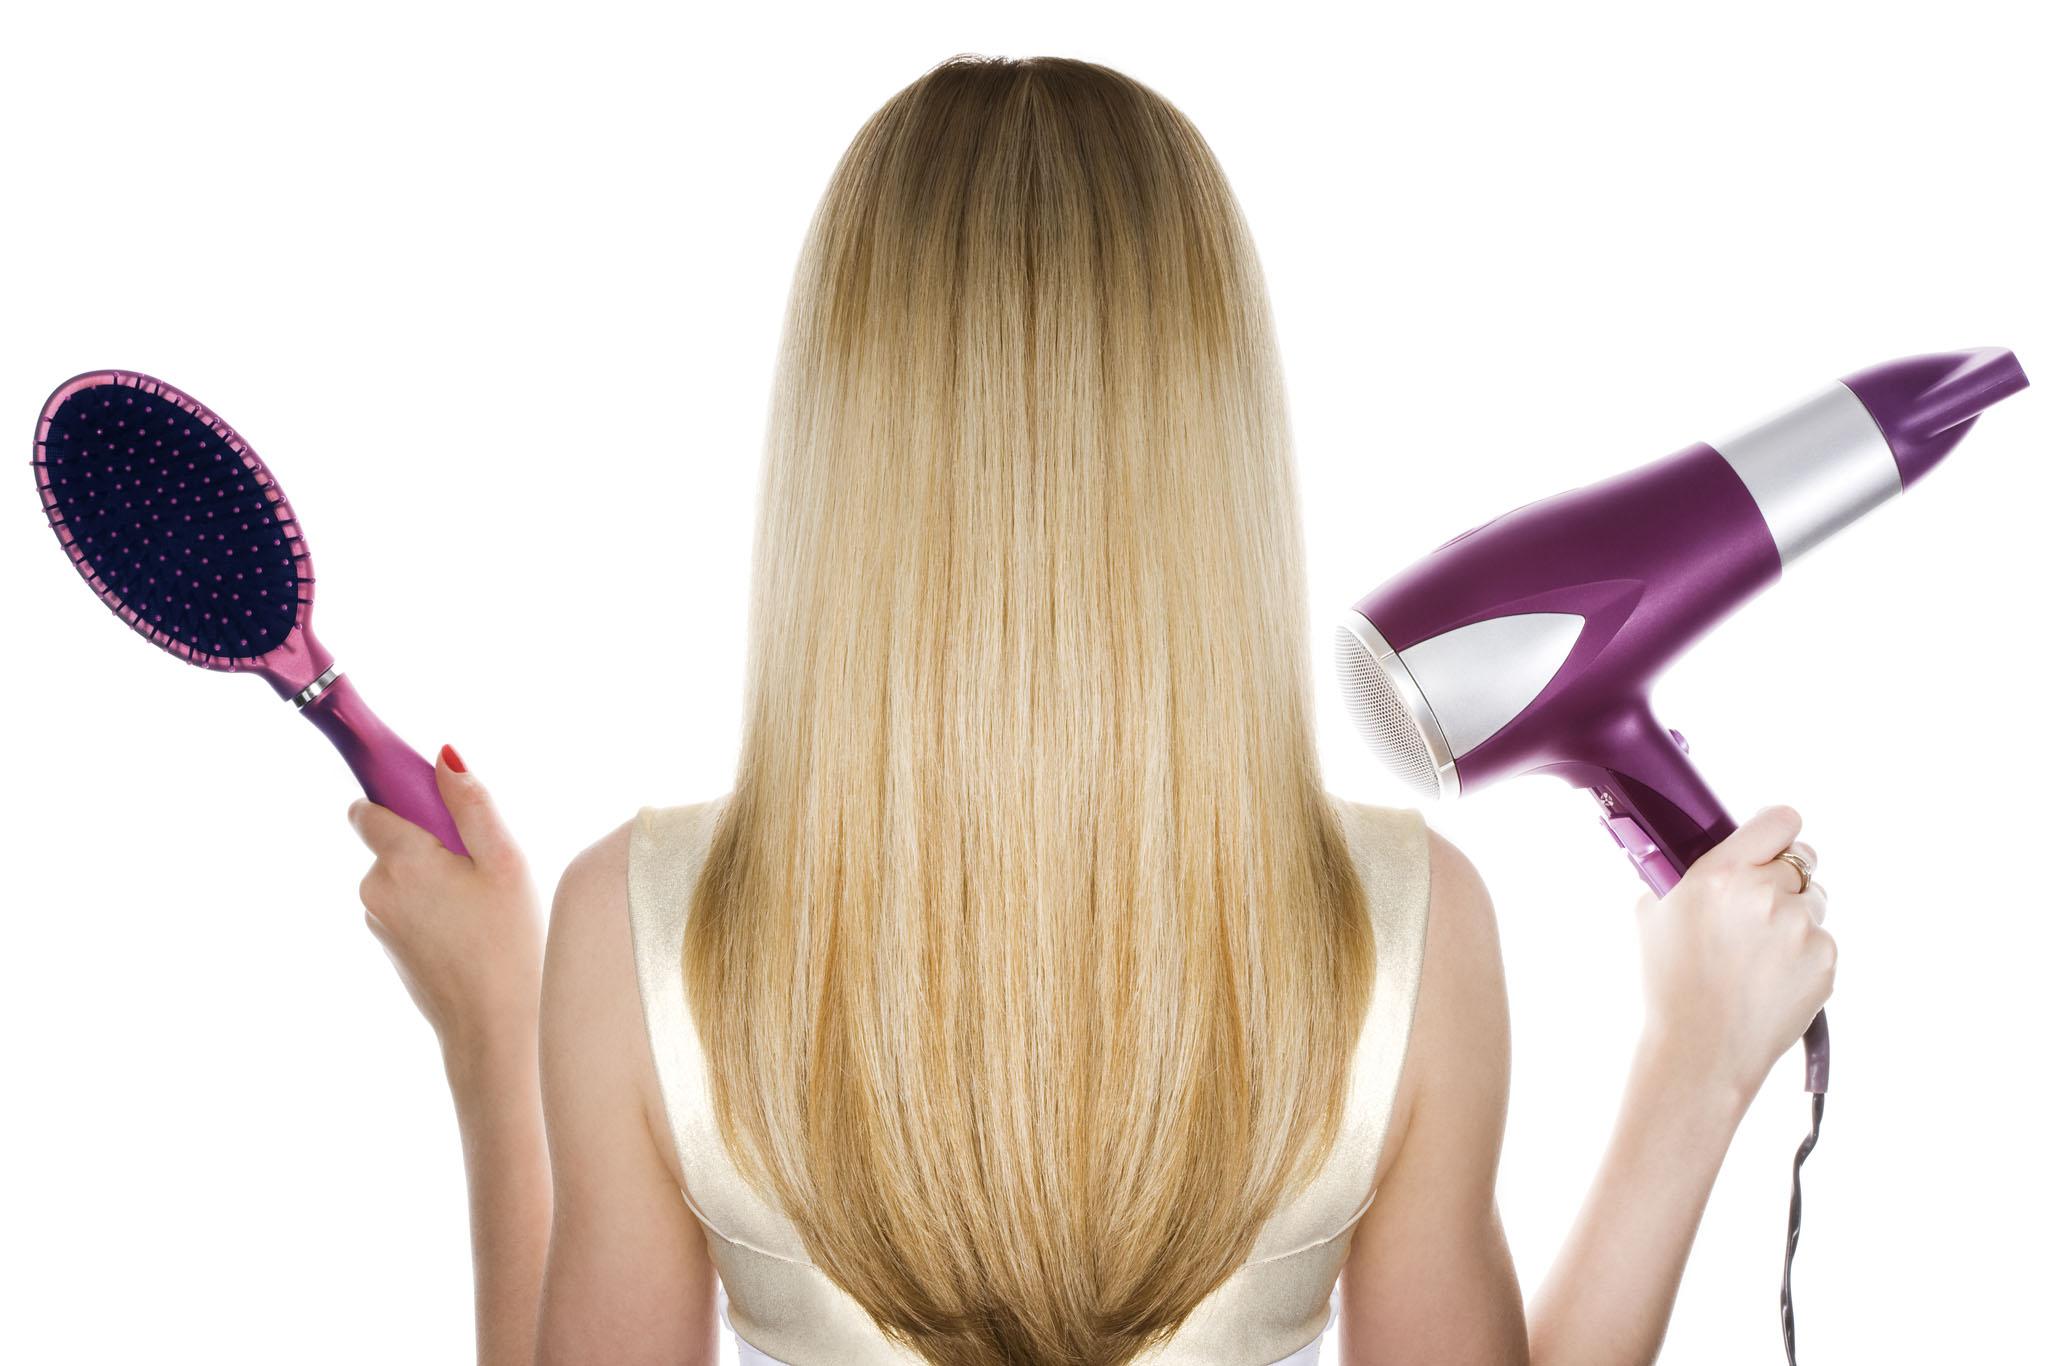 термозащита поможет сохранить здоровье волос при термической укладке